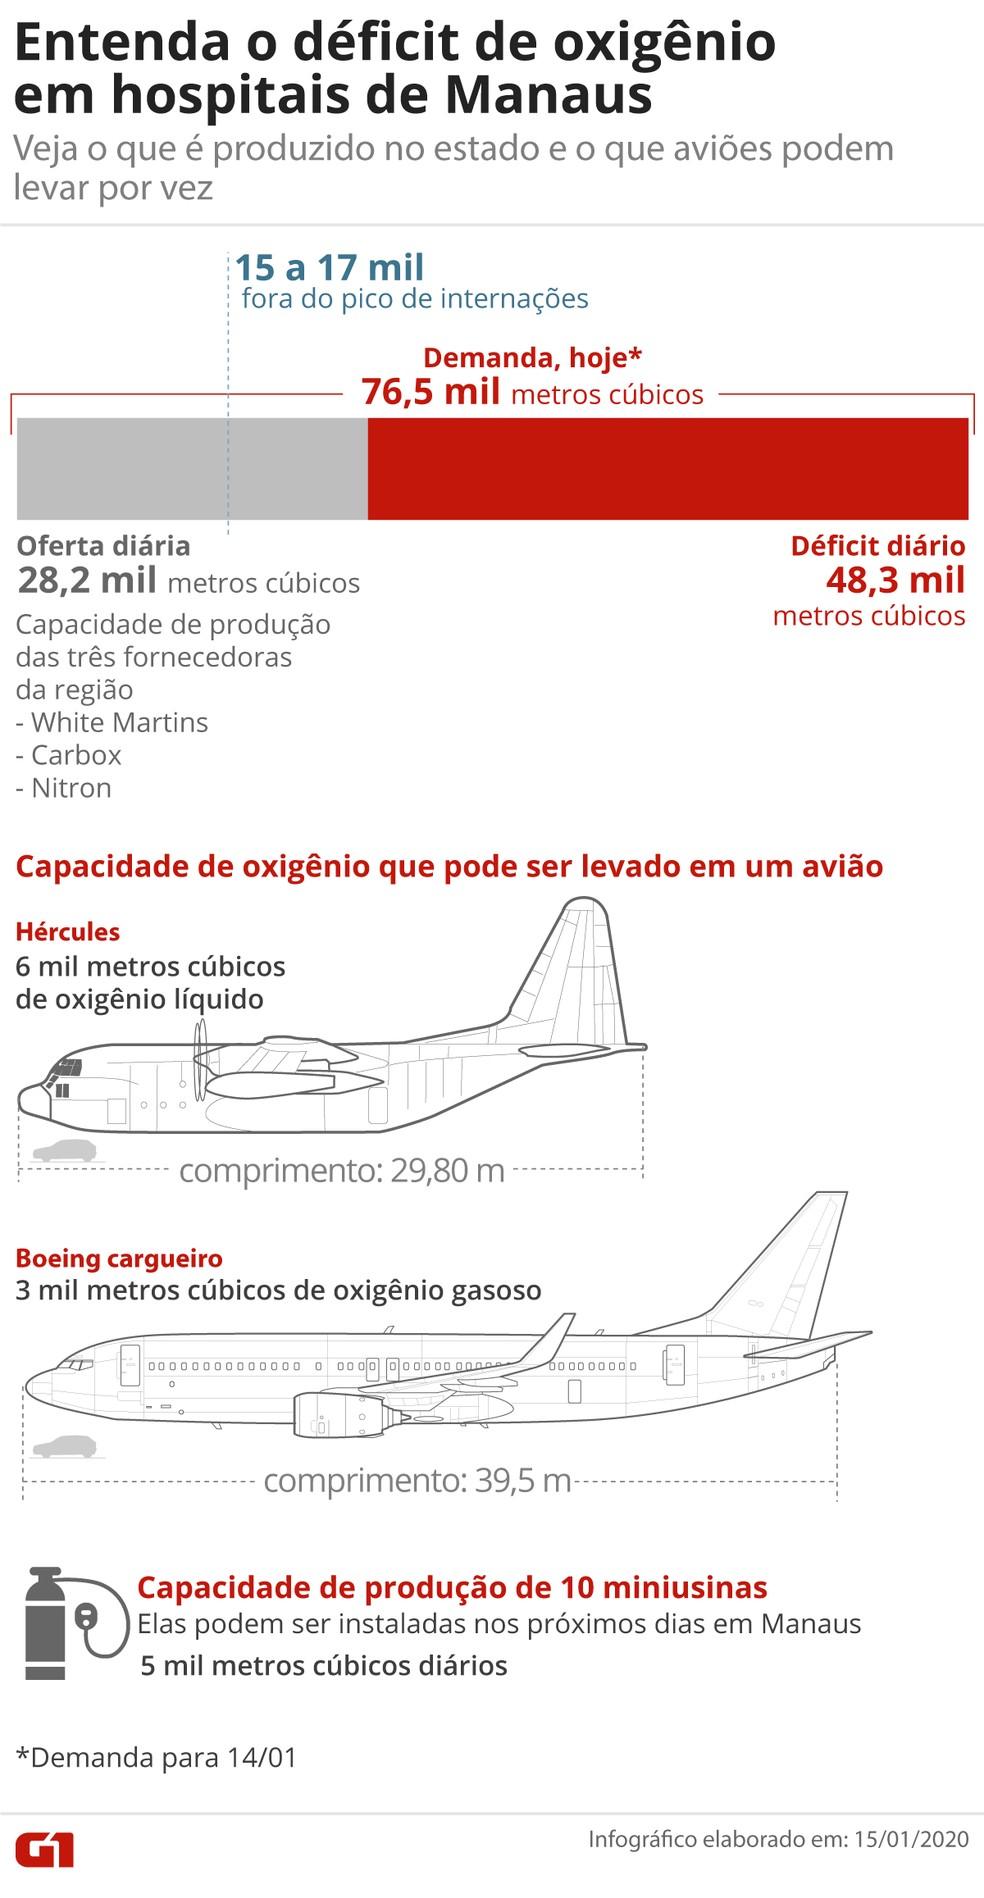 Entenda o déficit de oxigênio em Manaus — Foto: Guilherme Luiz Pinheiro/G1